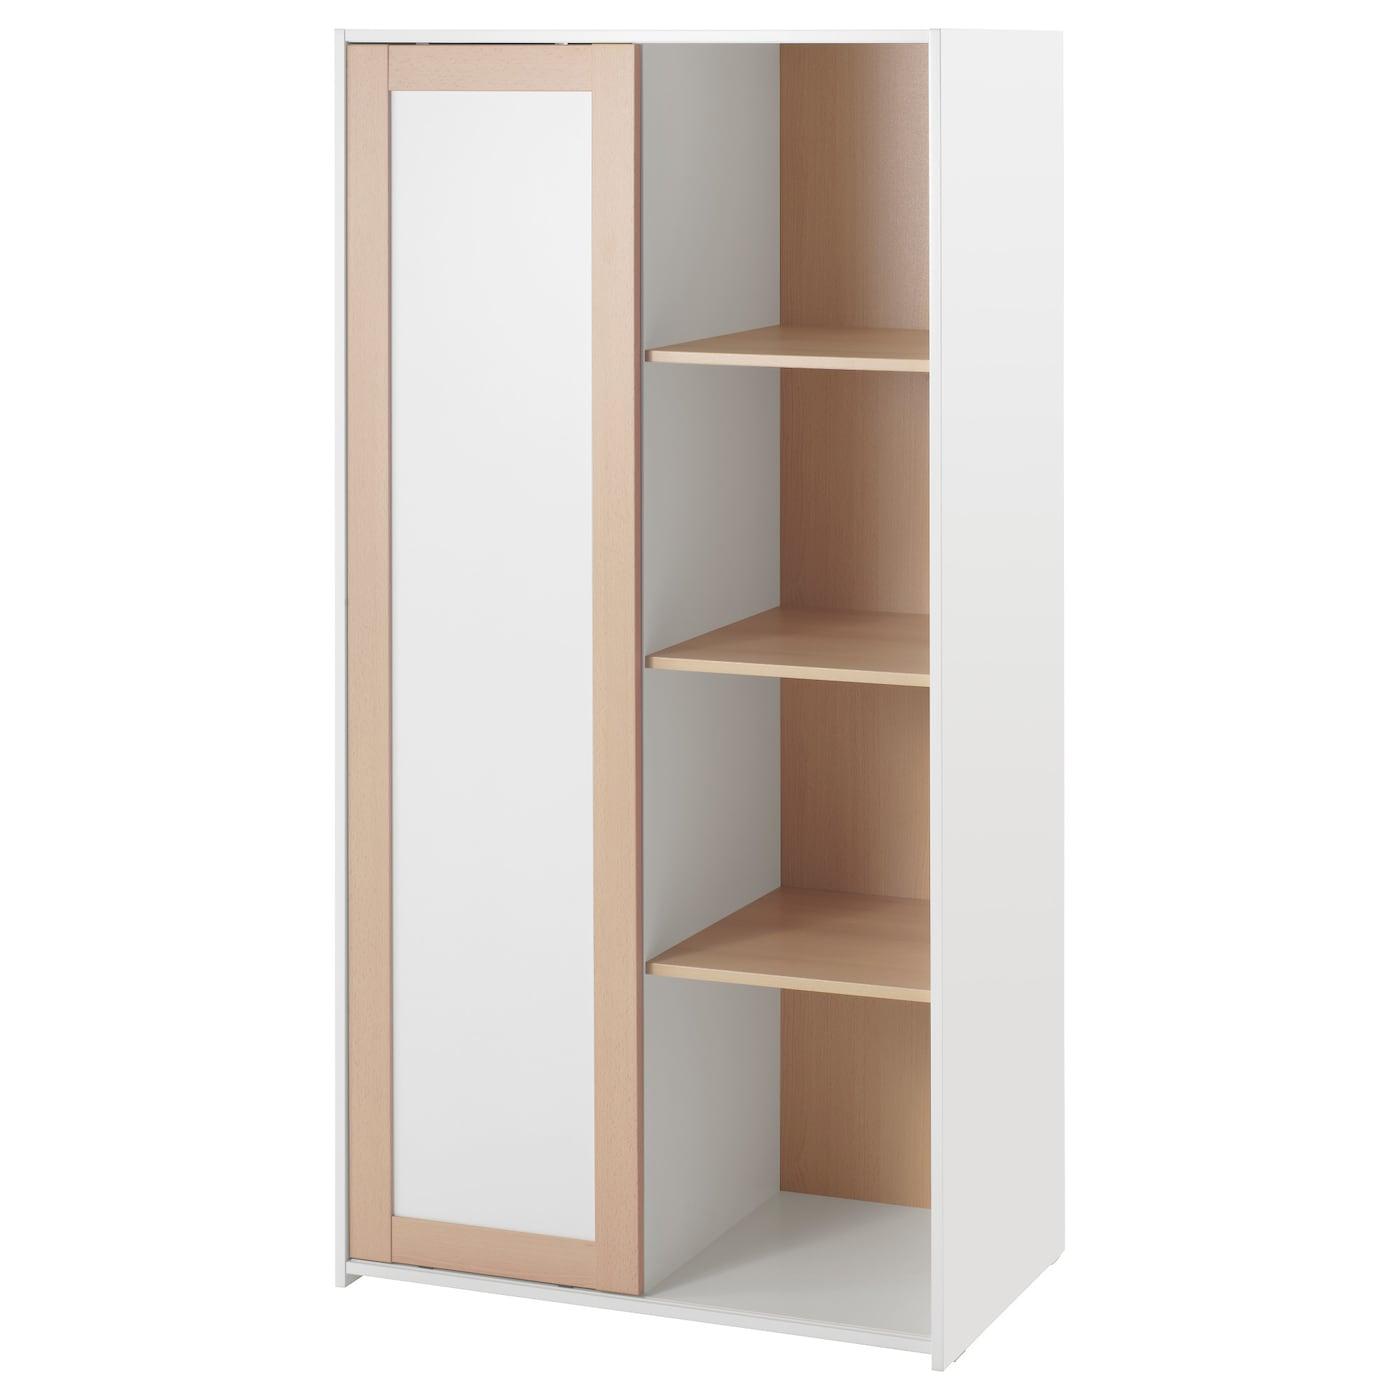 Garde robes enfants armoires enfant pour la chambre ikea - Ikea heure d ouverture ...